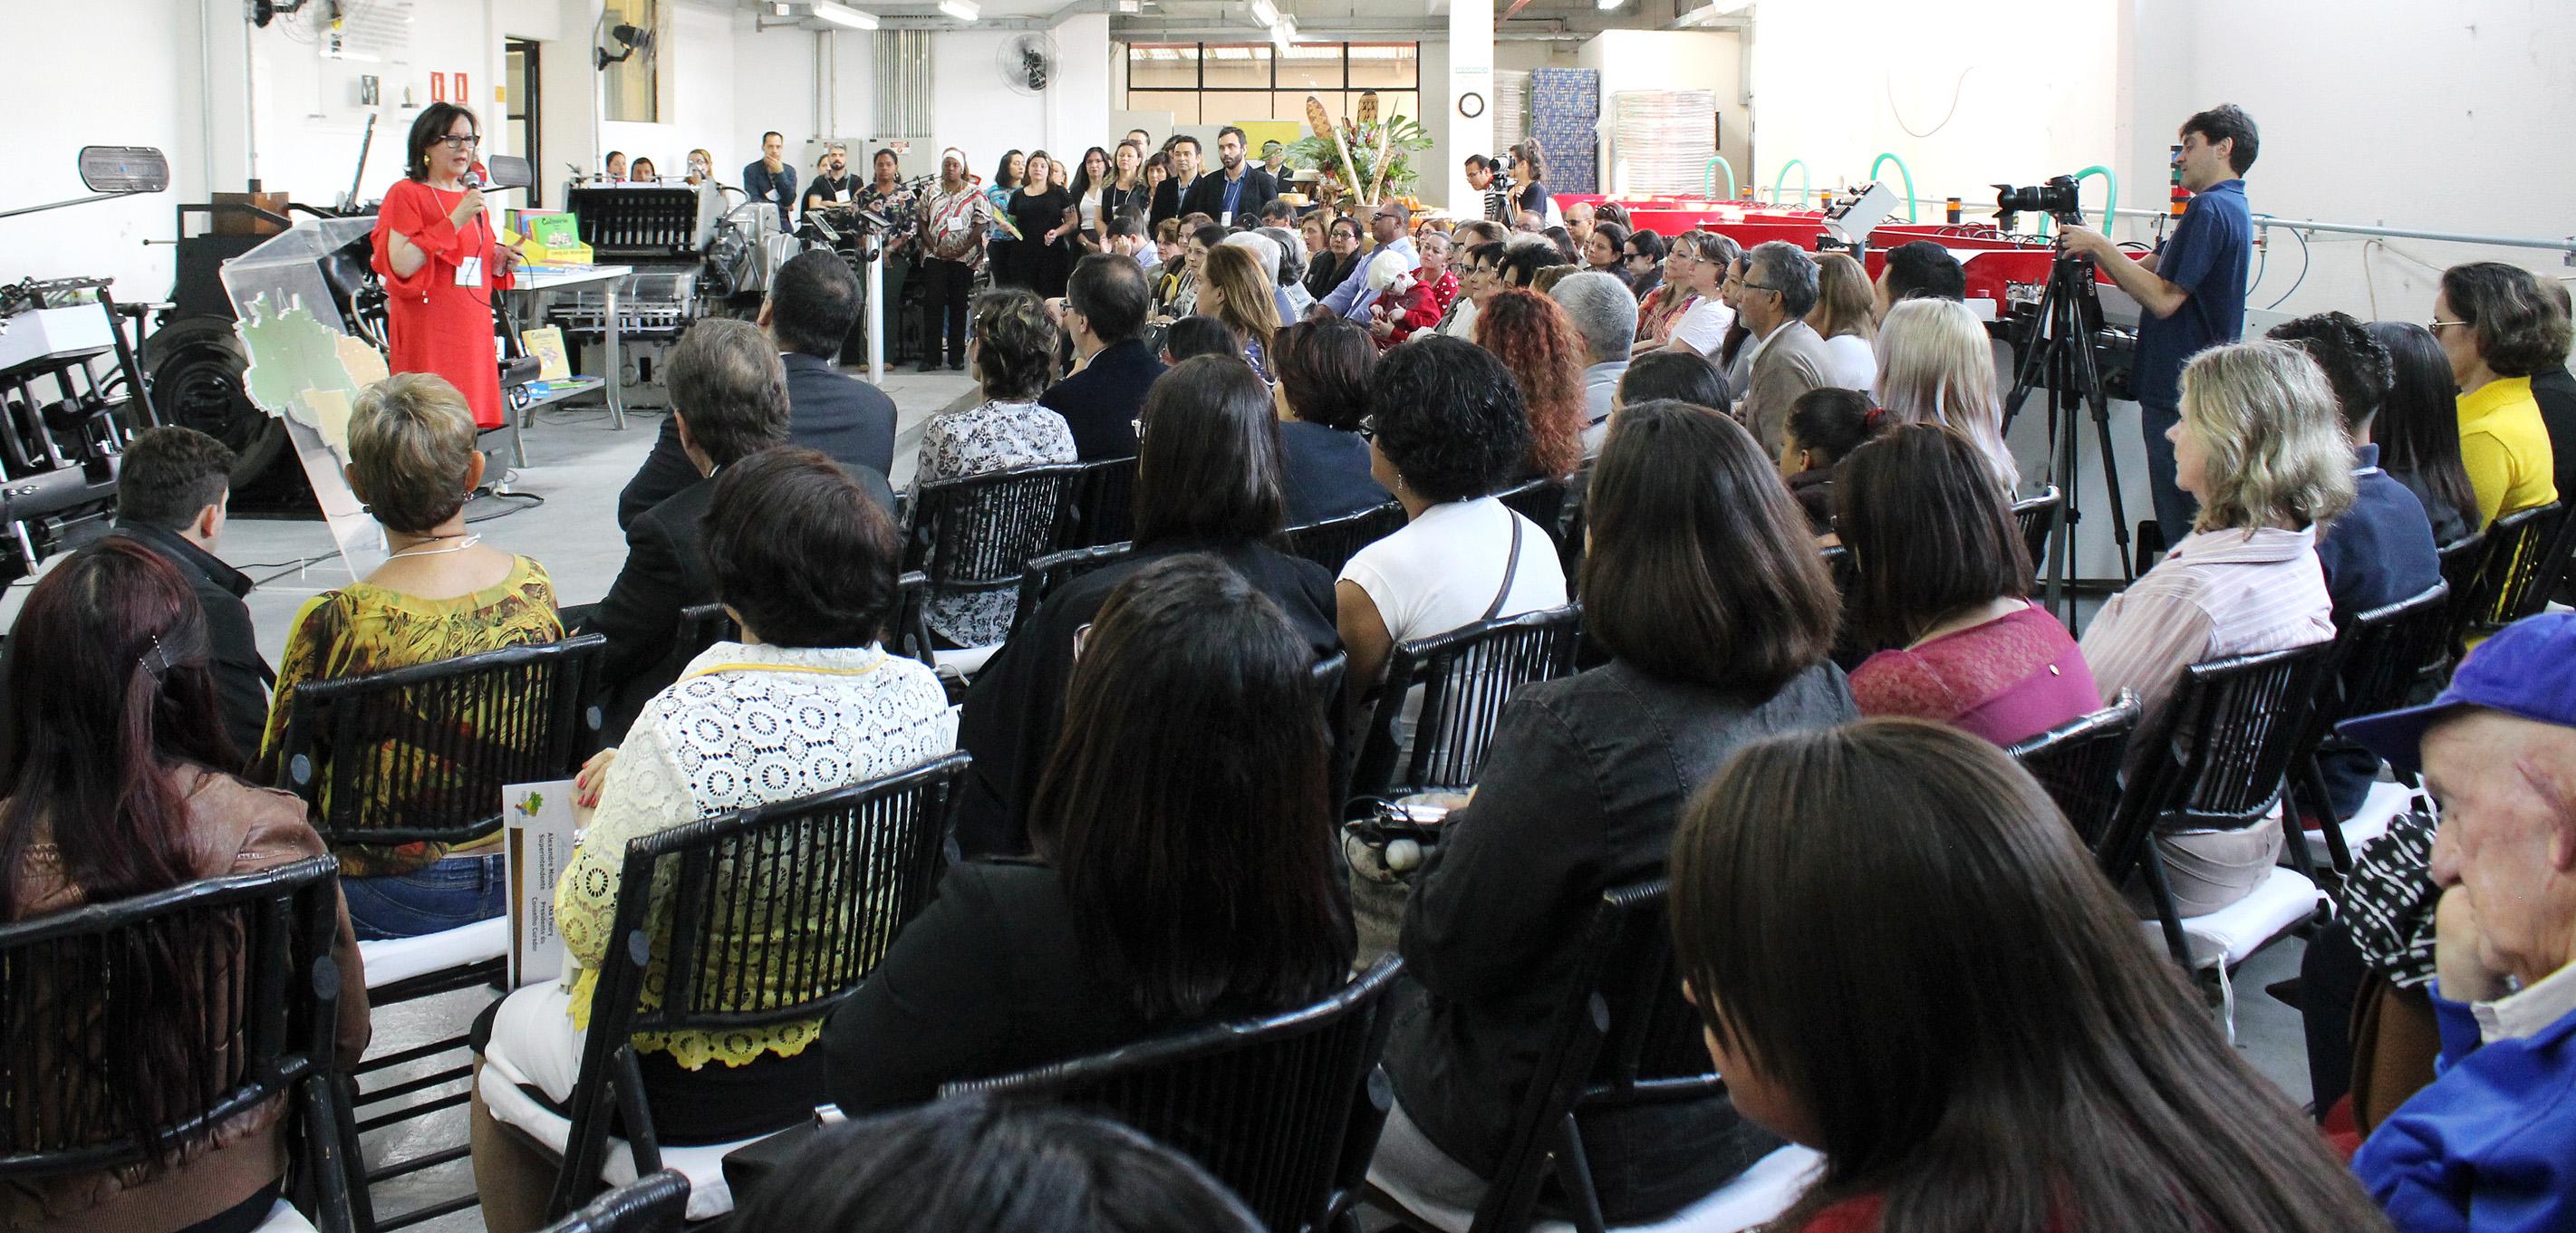 Descrição da imagem: foto de dezenas pessoas sentadas em cadeiras de madeira dispostas em um semicírculo. À frente delas e à esquerda na foto está Ika Fleury, de pé, falando ao microfone. Ela usa vestido vermelho. Fim da descrição.